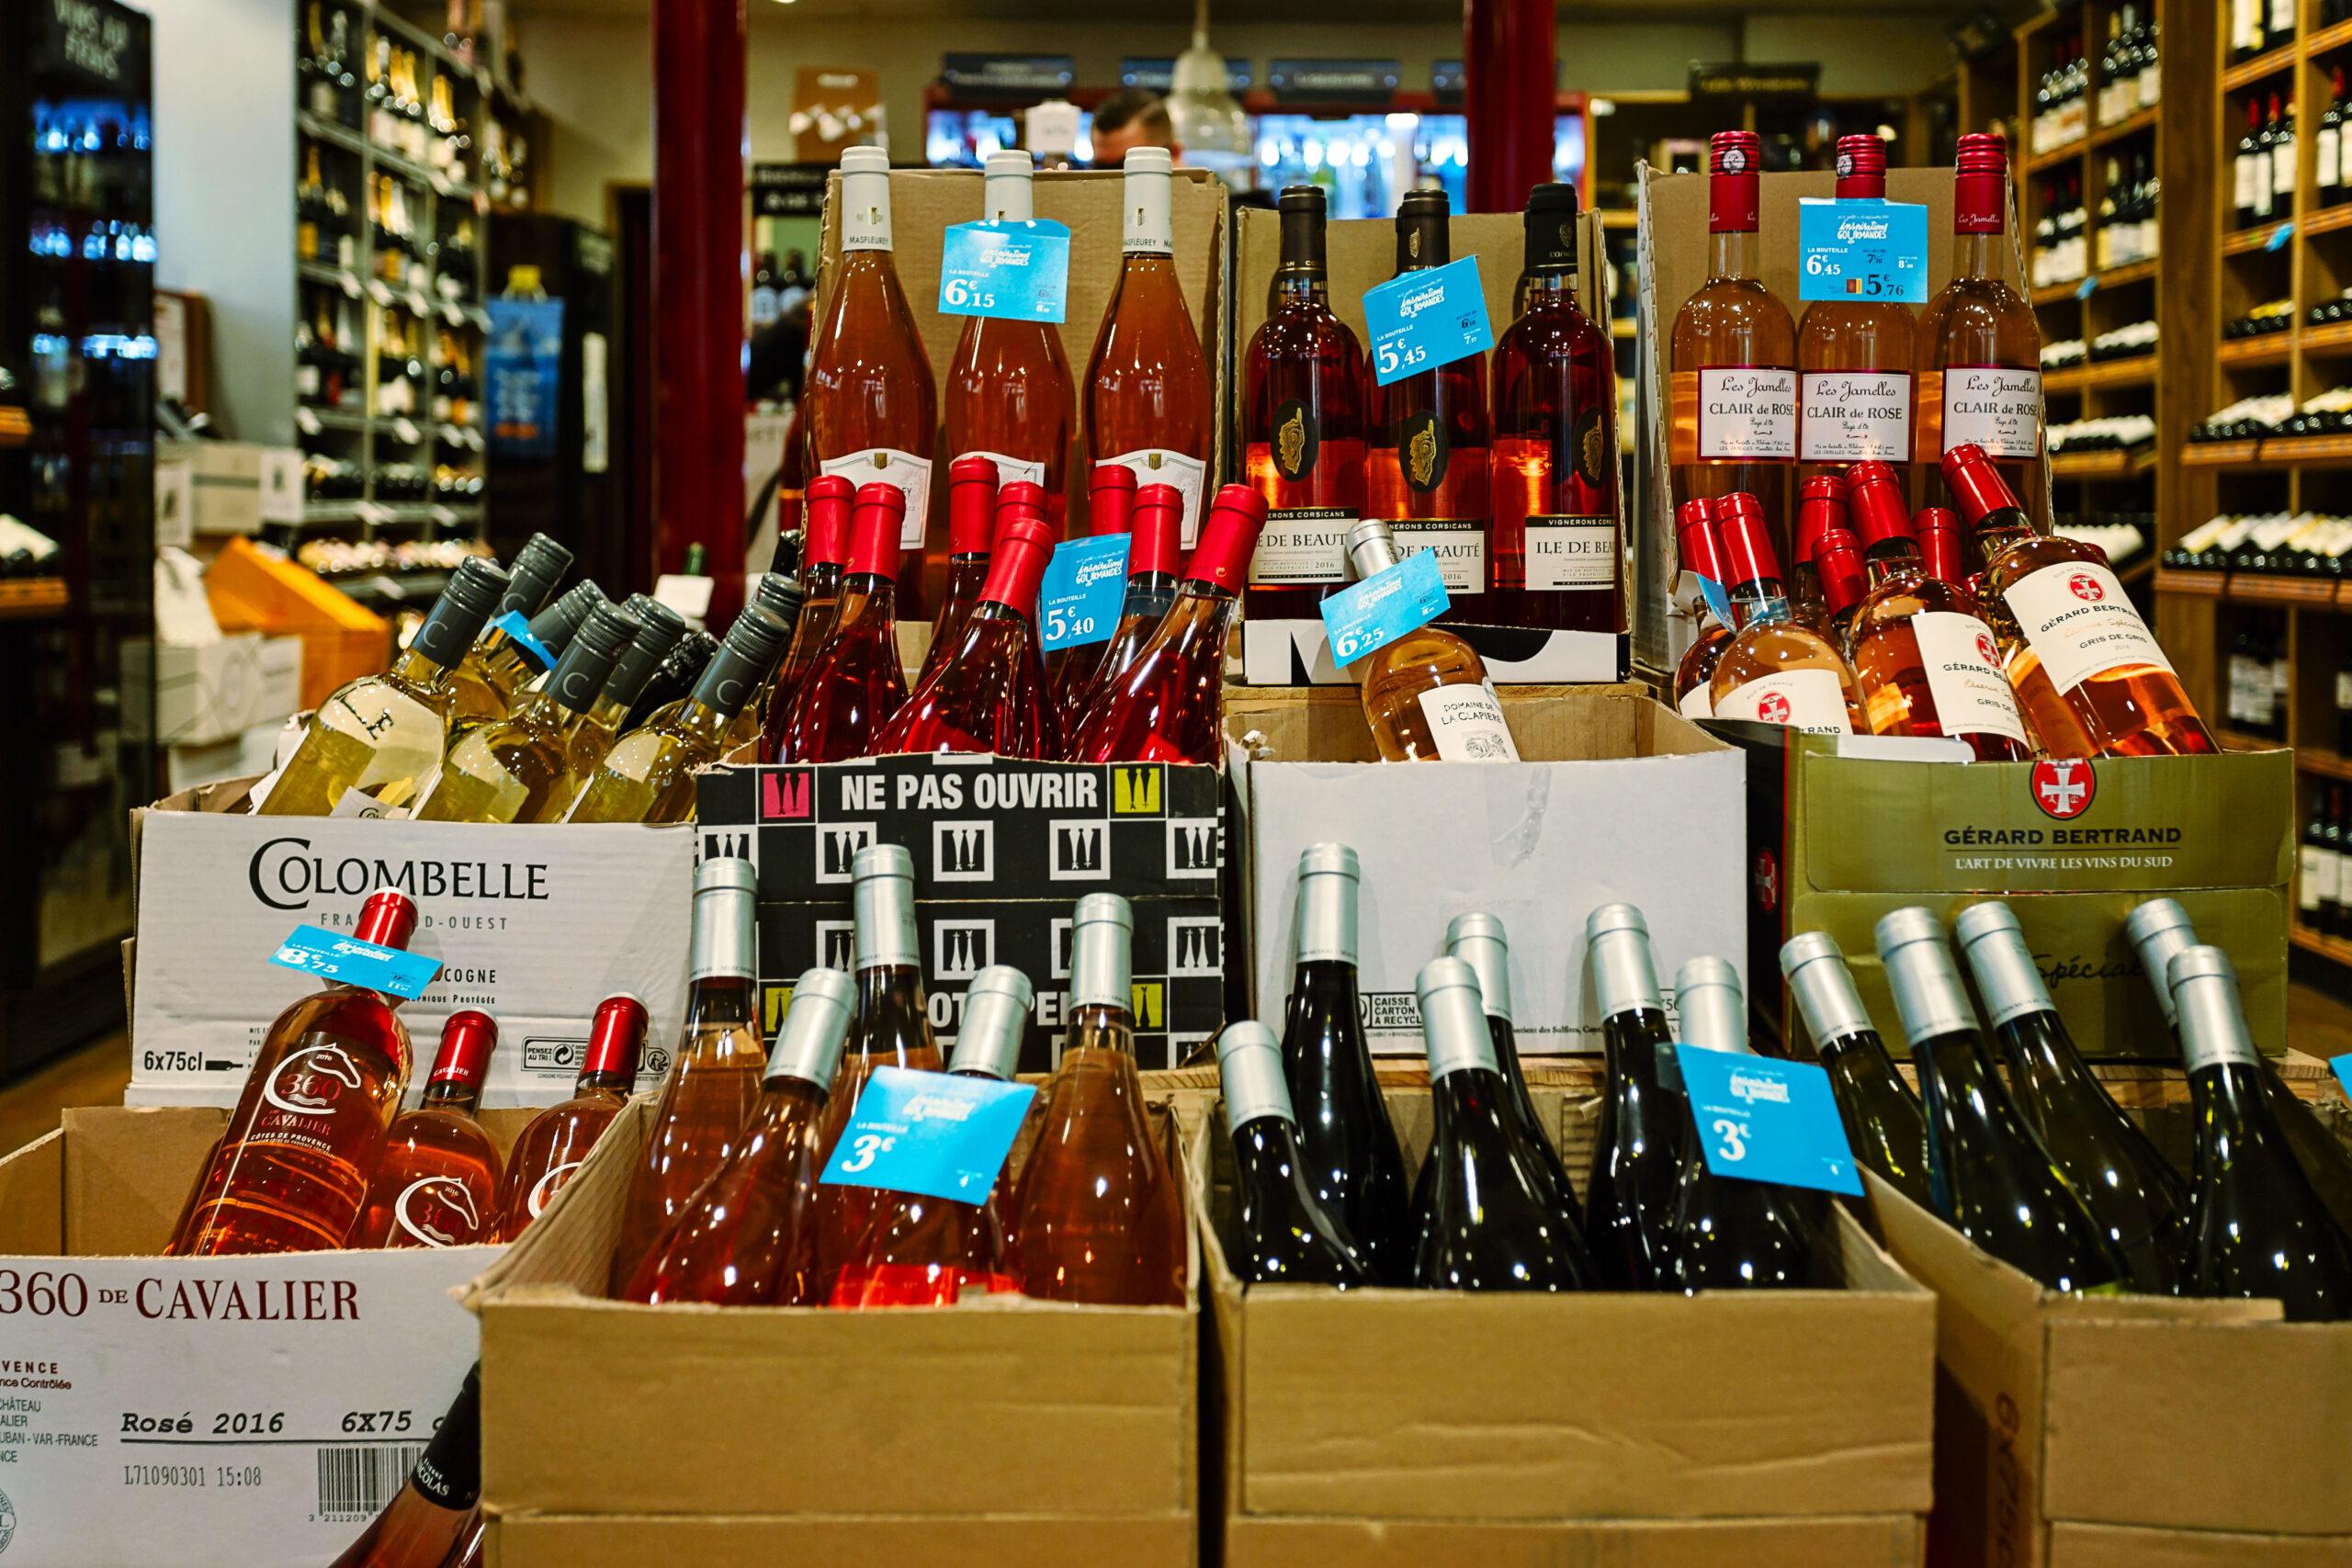 vinbutikk Paris rodvin vintips butikk forretning Frankrike